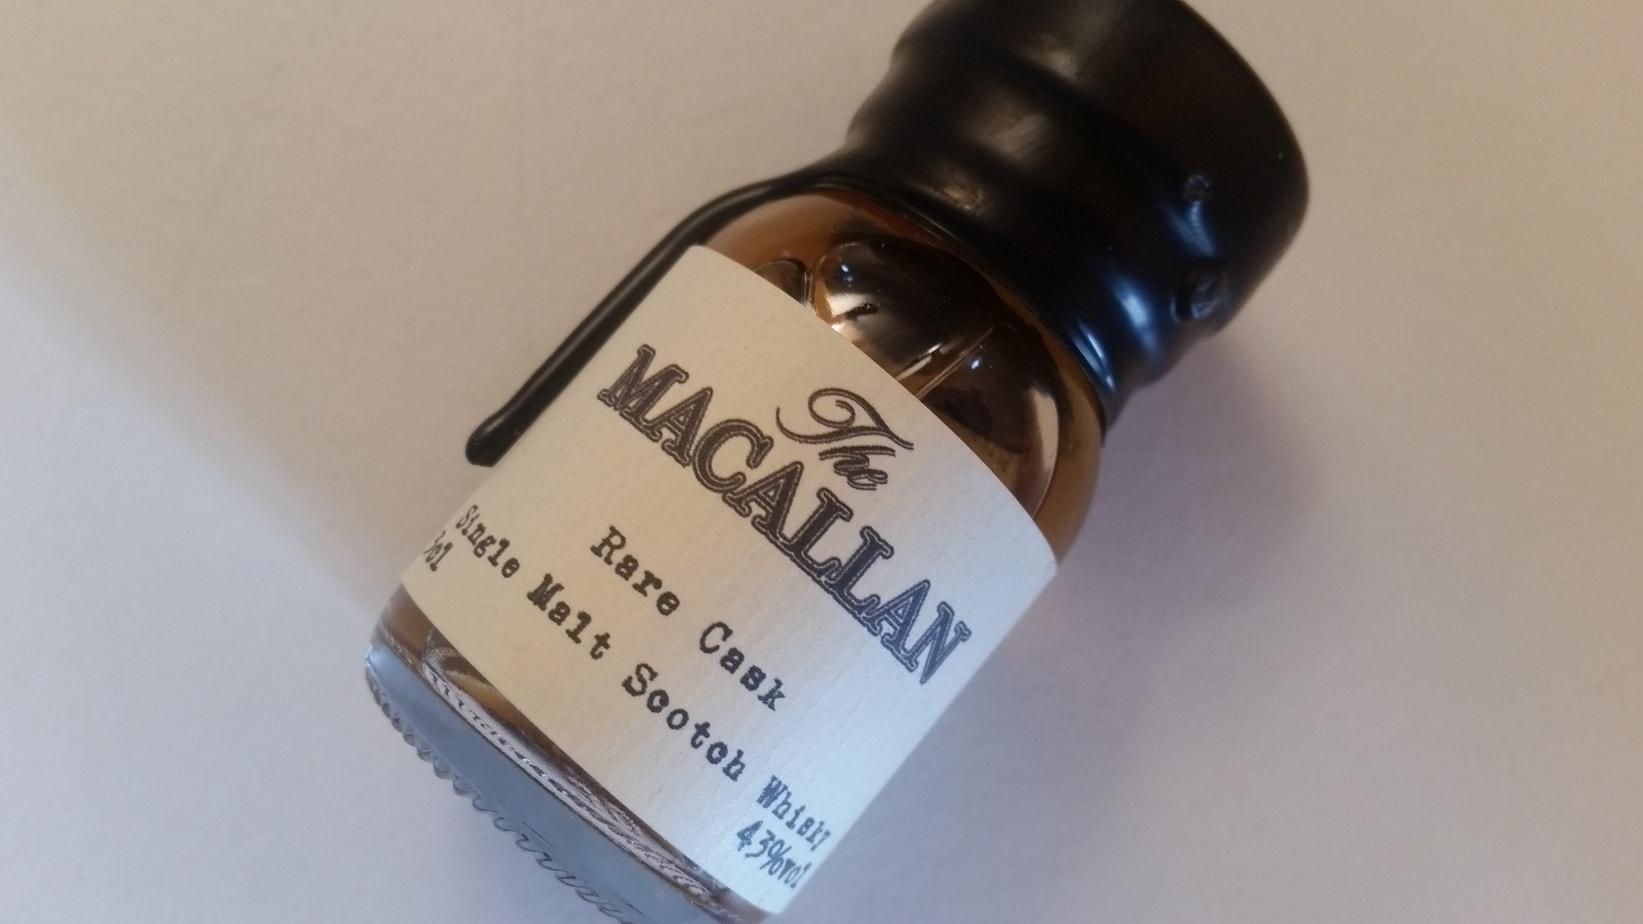 A miniature bottle of The Macallan Rare Cask